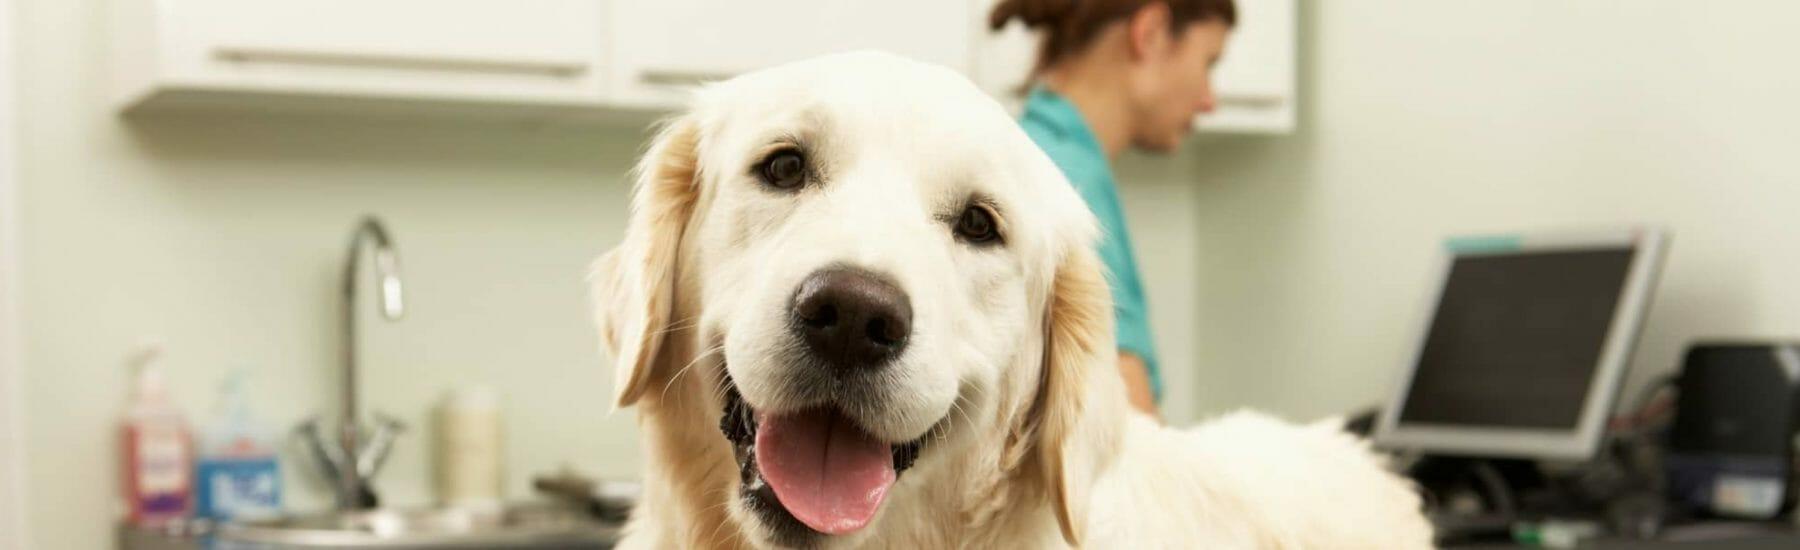 Medium sized white dog looking towards camera smiling